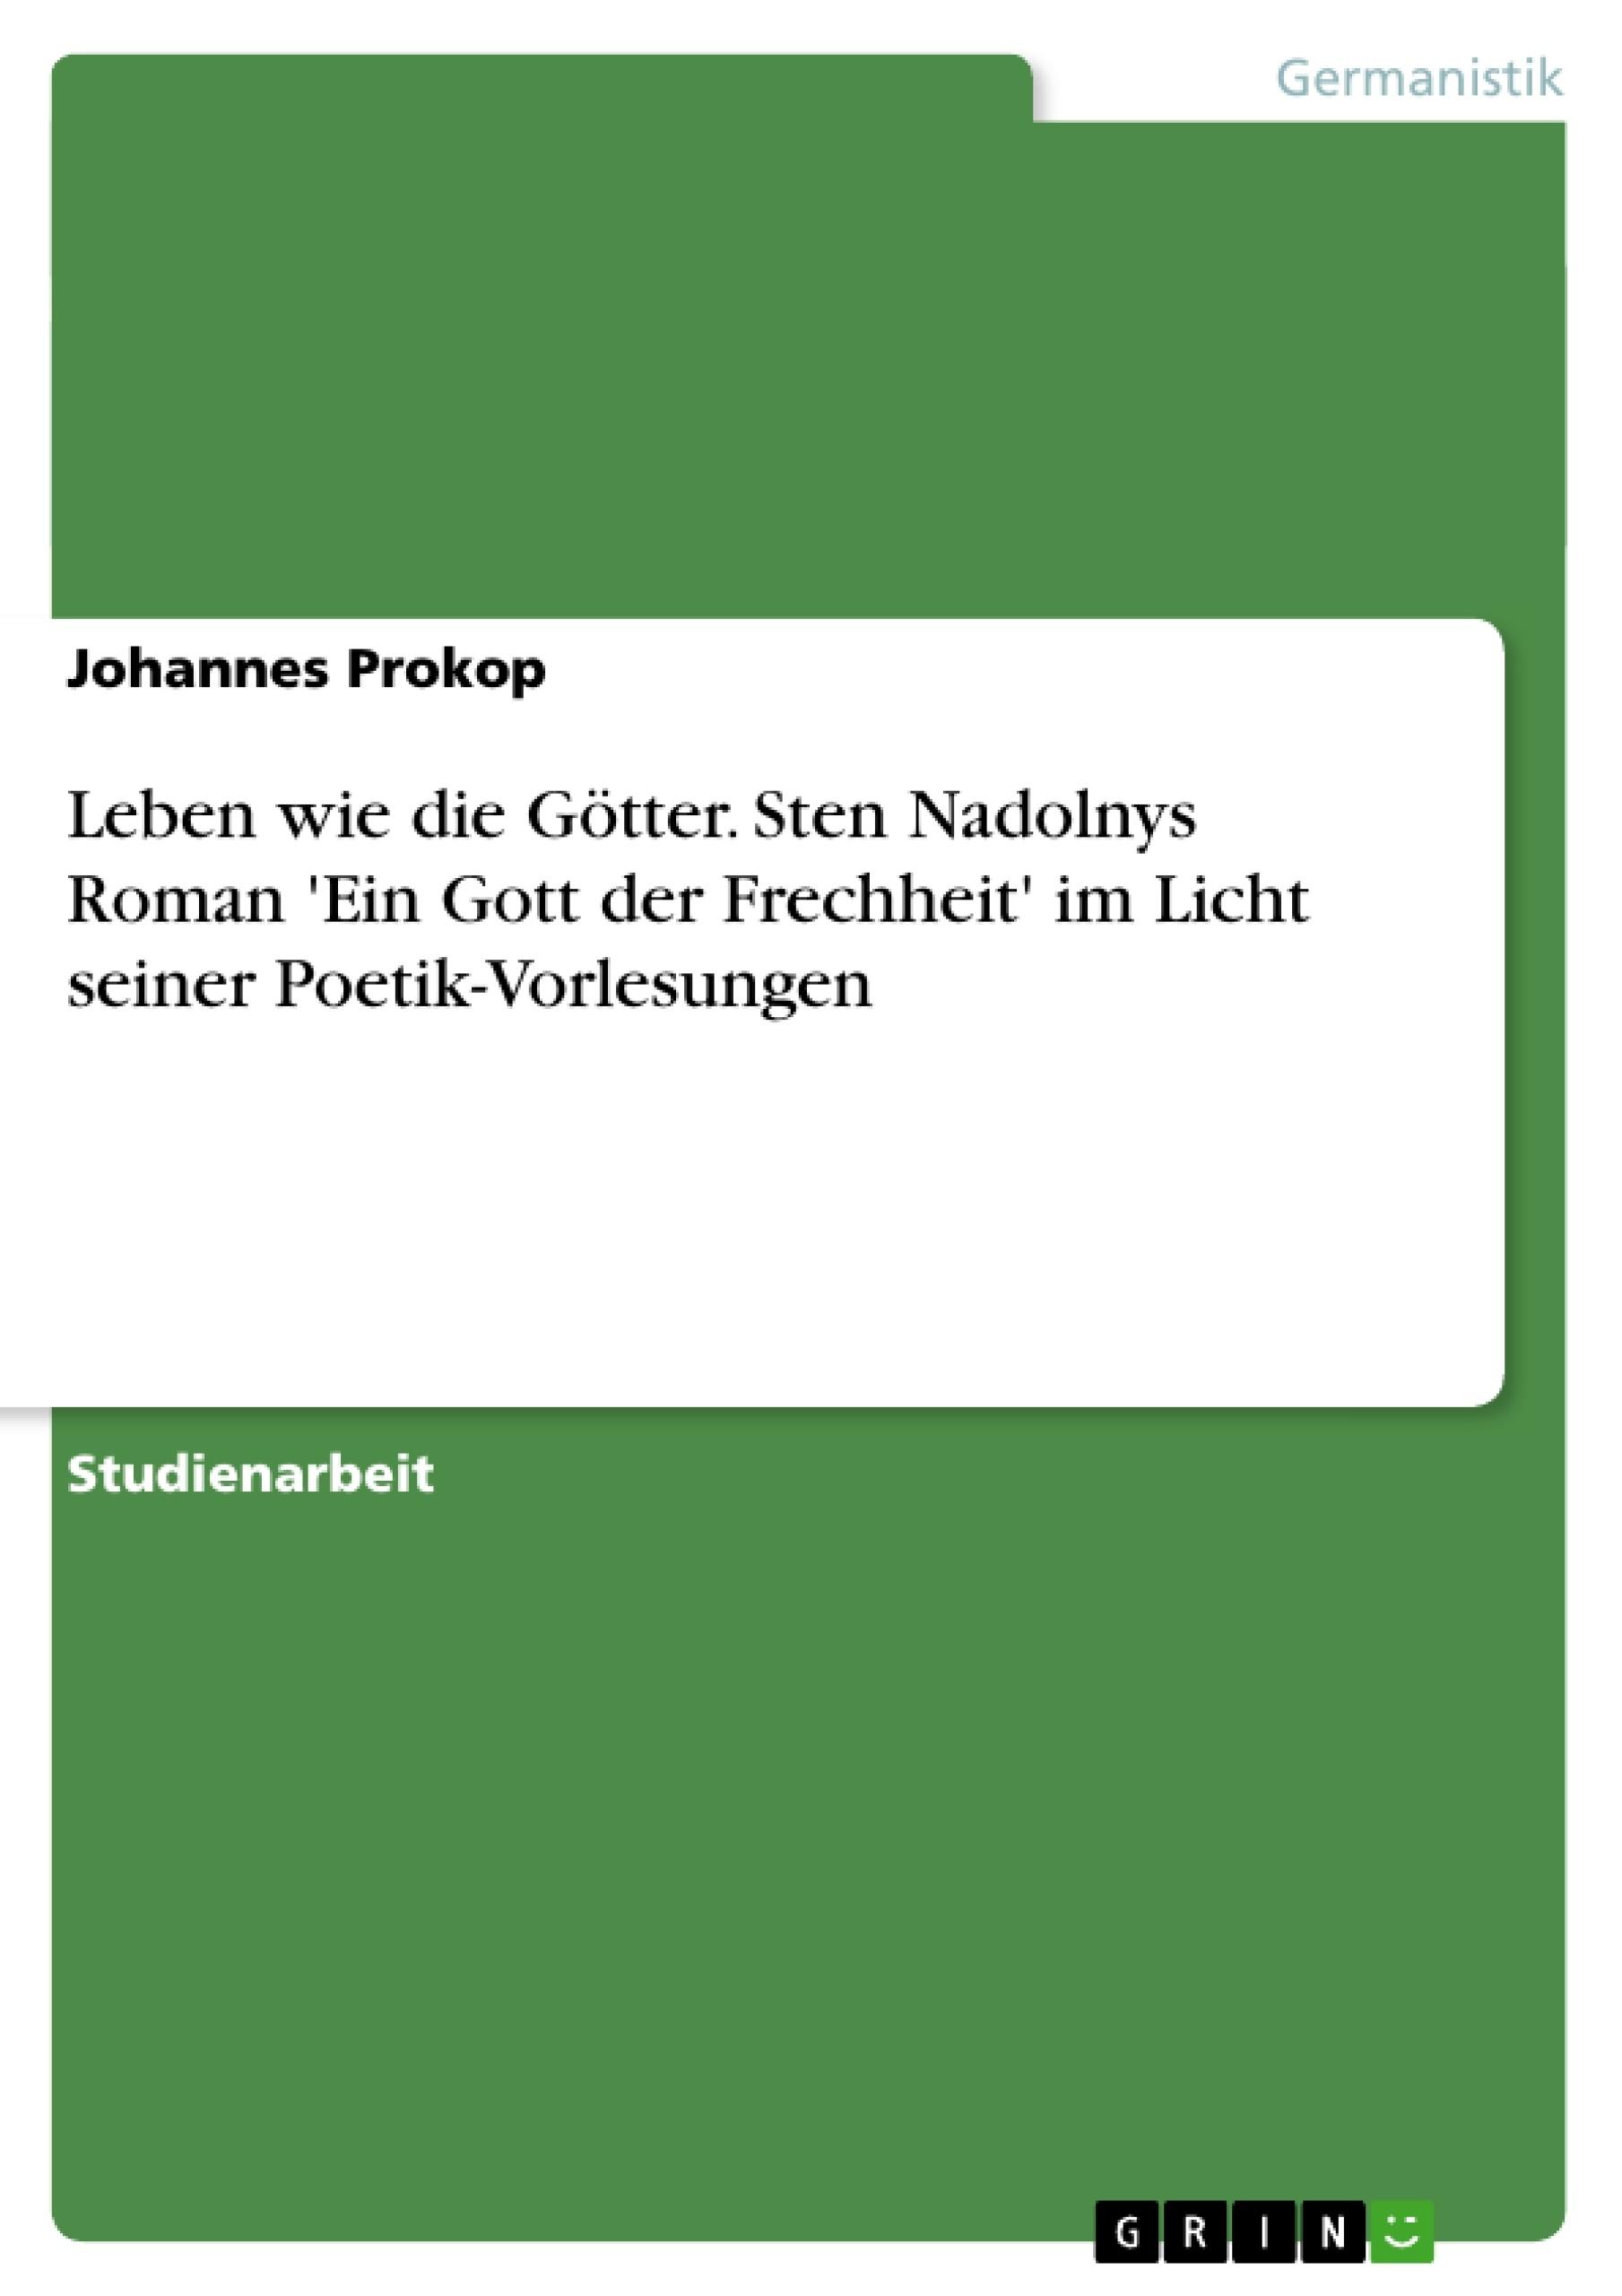 Titel: Leben wie die Götter. Sten Nadolnys Roman 'Ein Gott der Frechheit' im Licht seiner Poetik-Vorlesungen